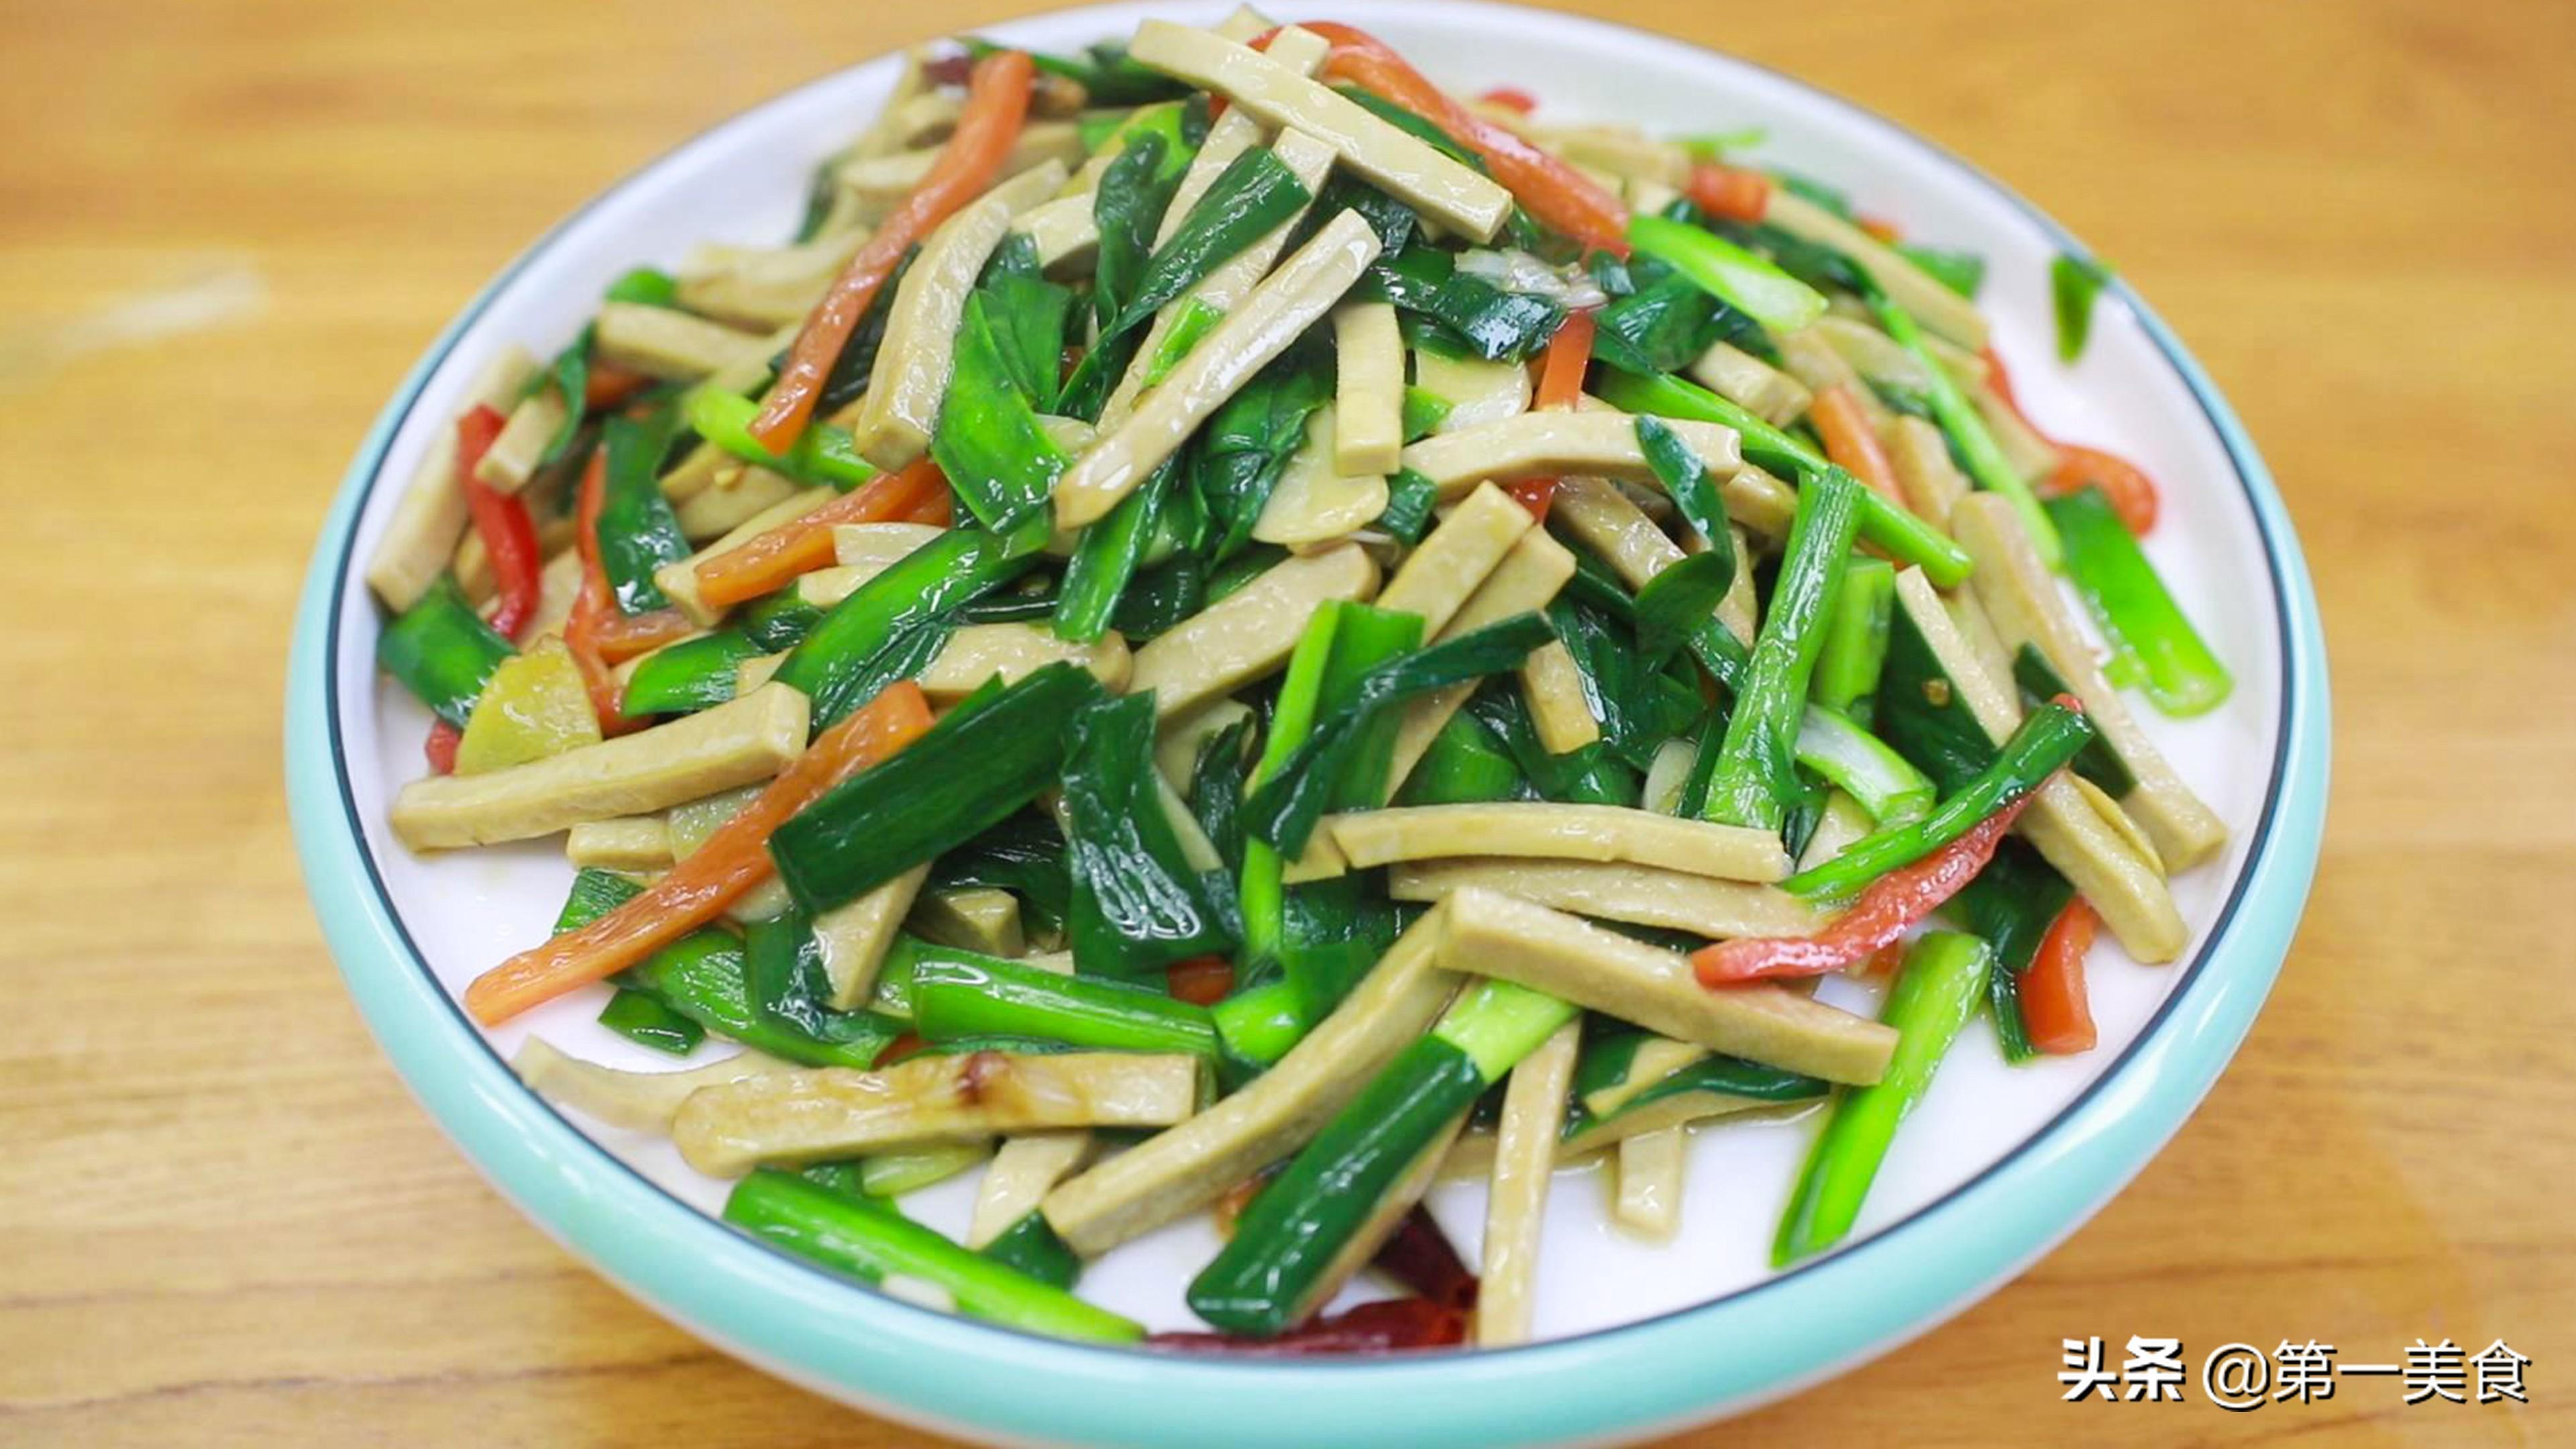 减肥,别再吃水煮青菜了,这道韭菜炒豆干,热量低吃着香做法简单 美食做法 第6张